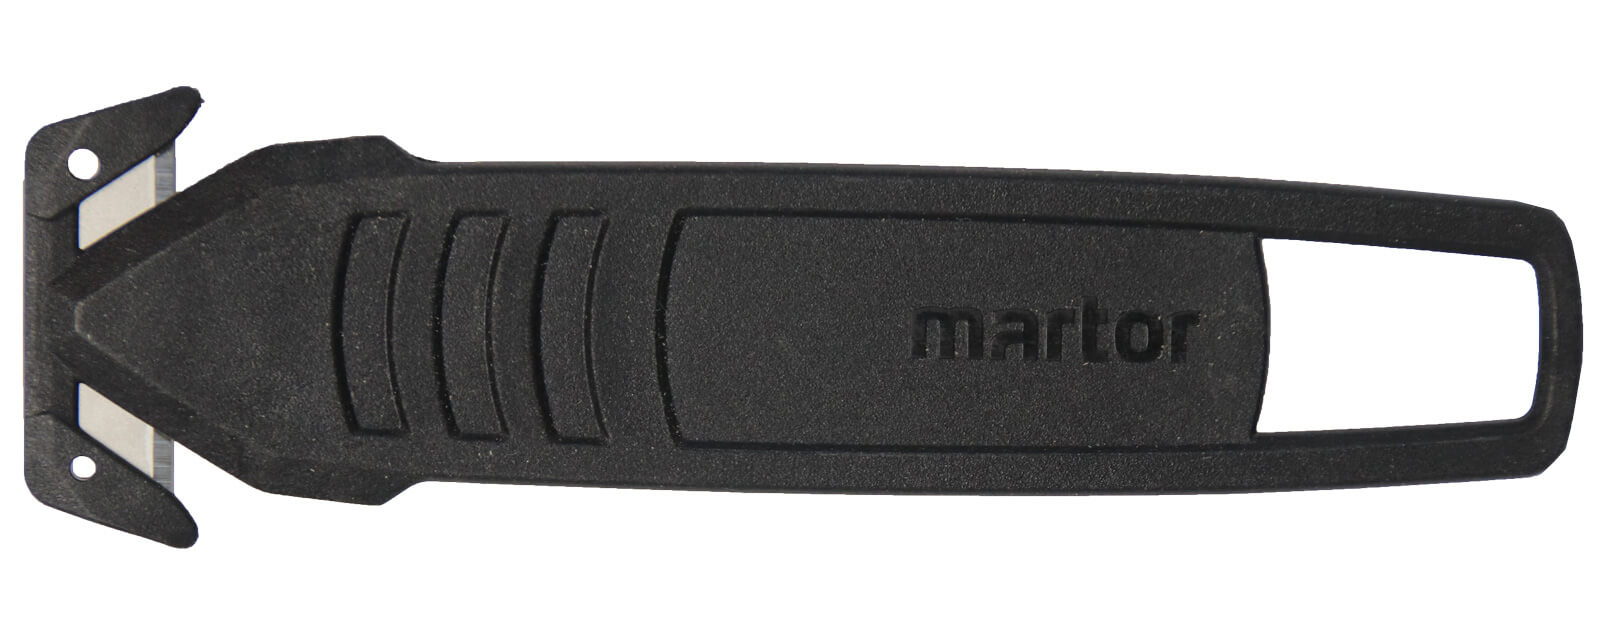 UM145001-Sicherheitsmesser-martor-Secumax-145-Schutzhaken-CURT-tools_1600